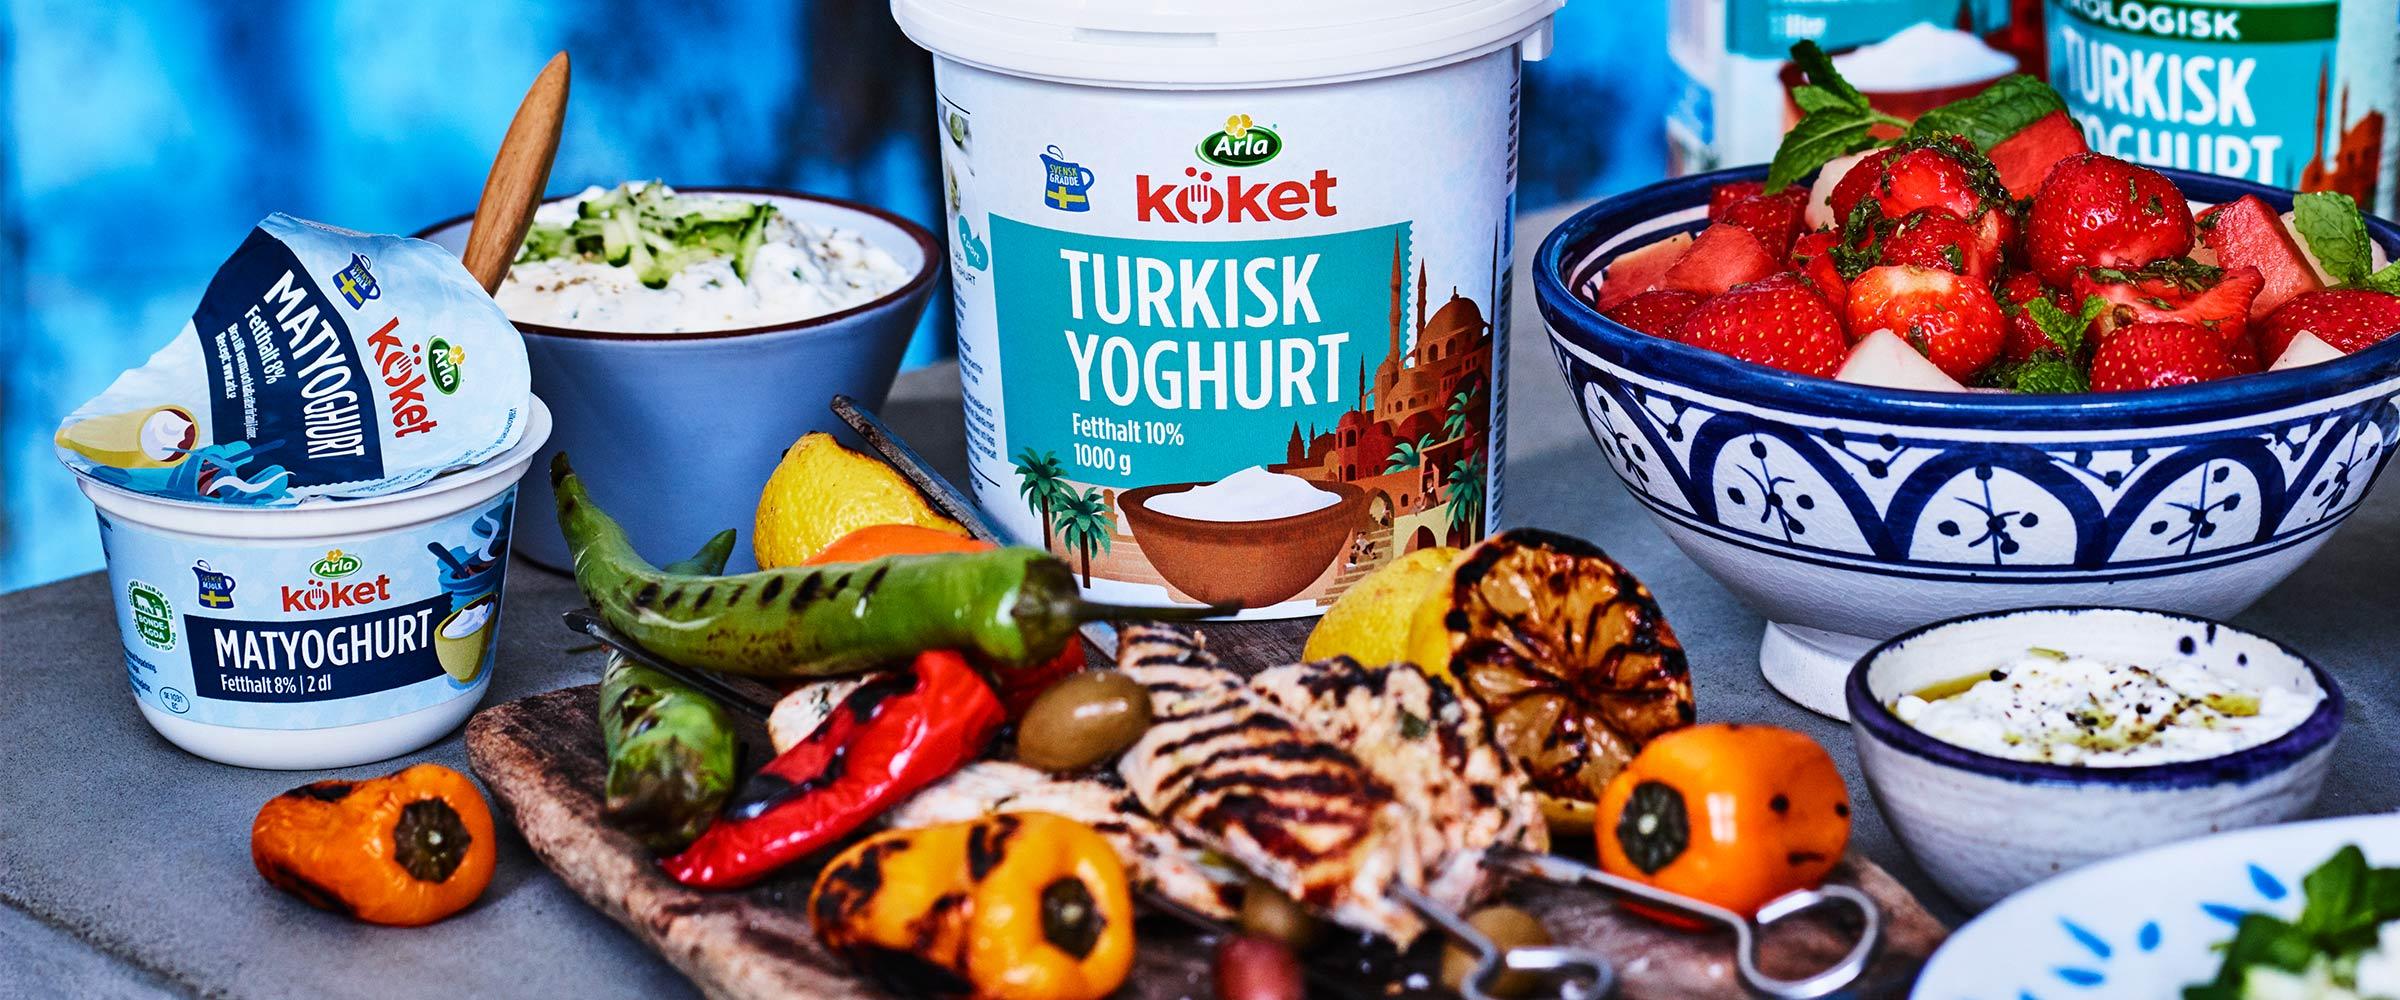 meze yoghurt arla